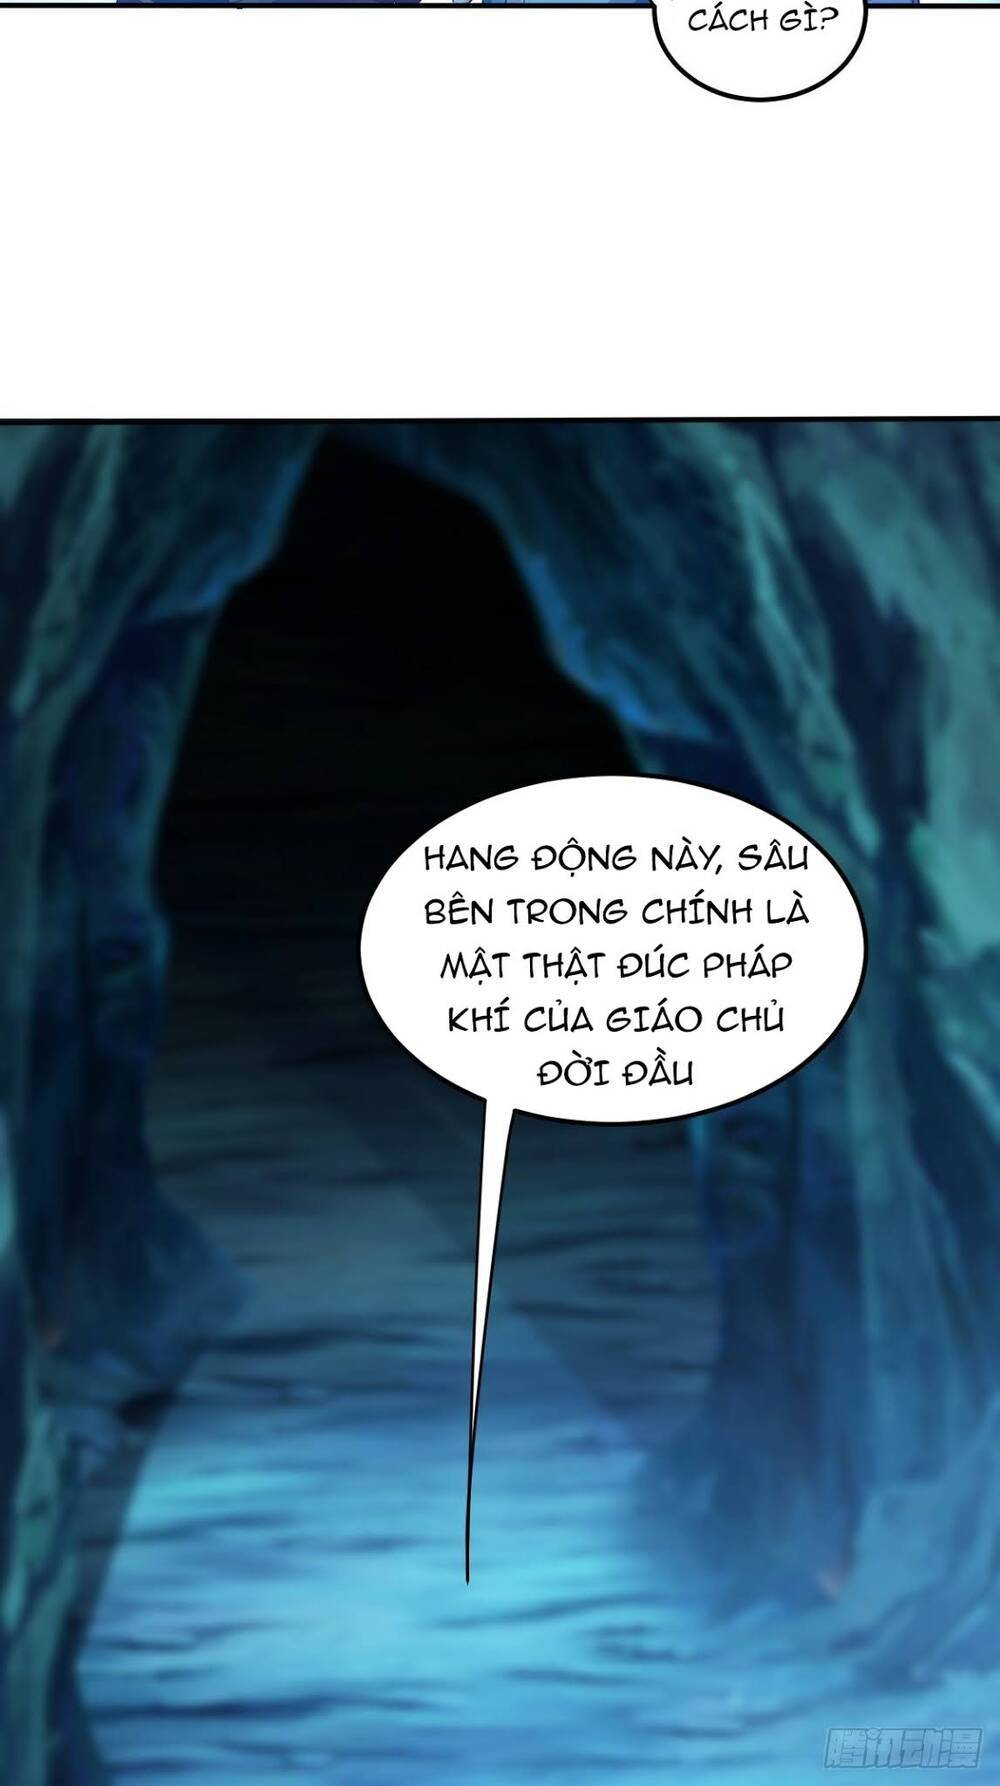 CỤC GẠCH XÔNG VÀO DỊ GIỚI Chapter 25 - upload bởi truyensieuhay.com